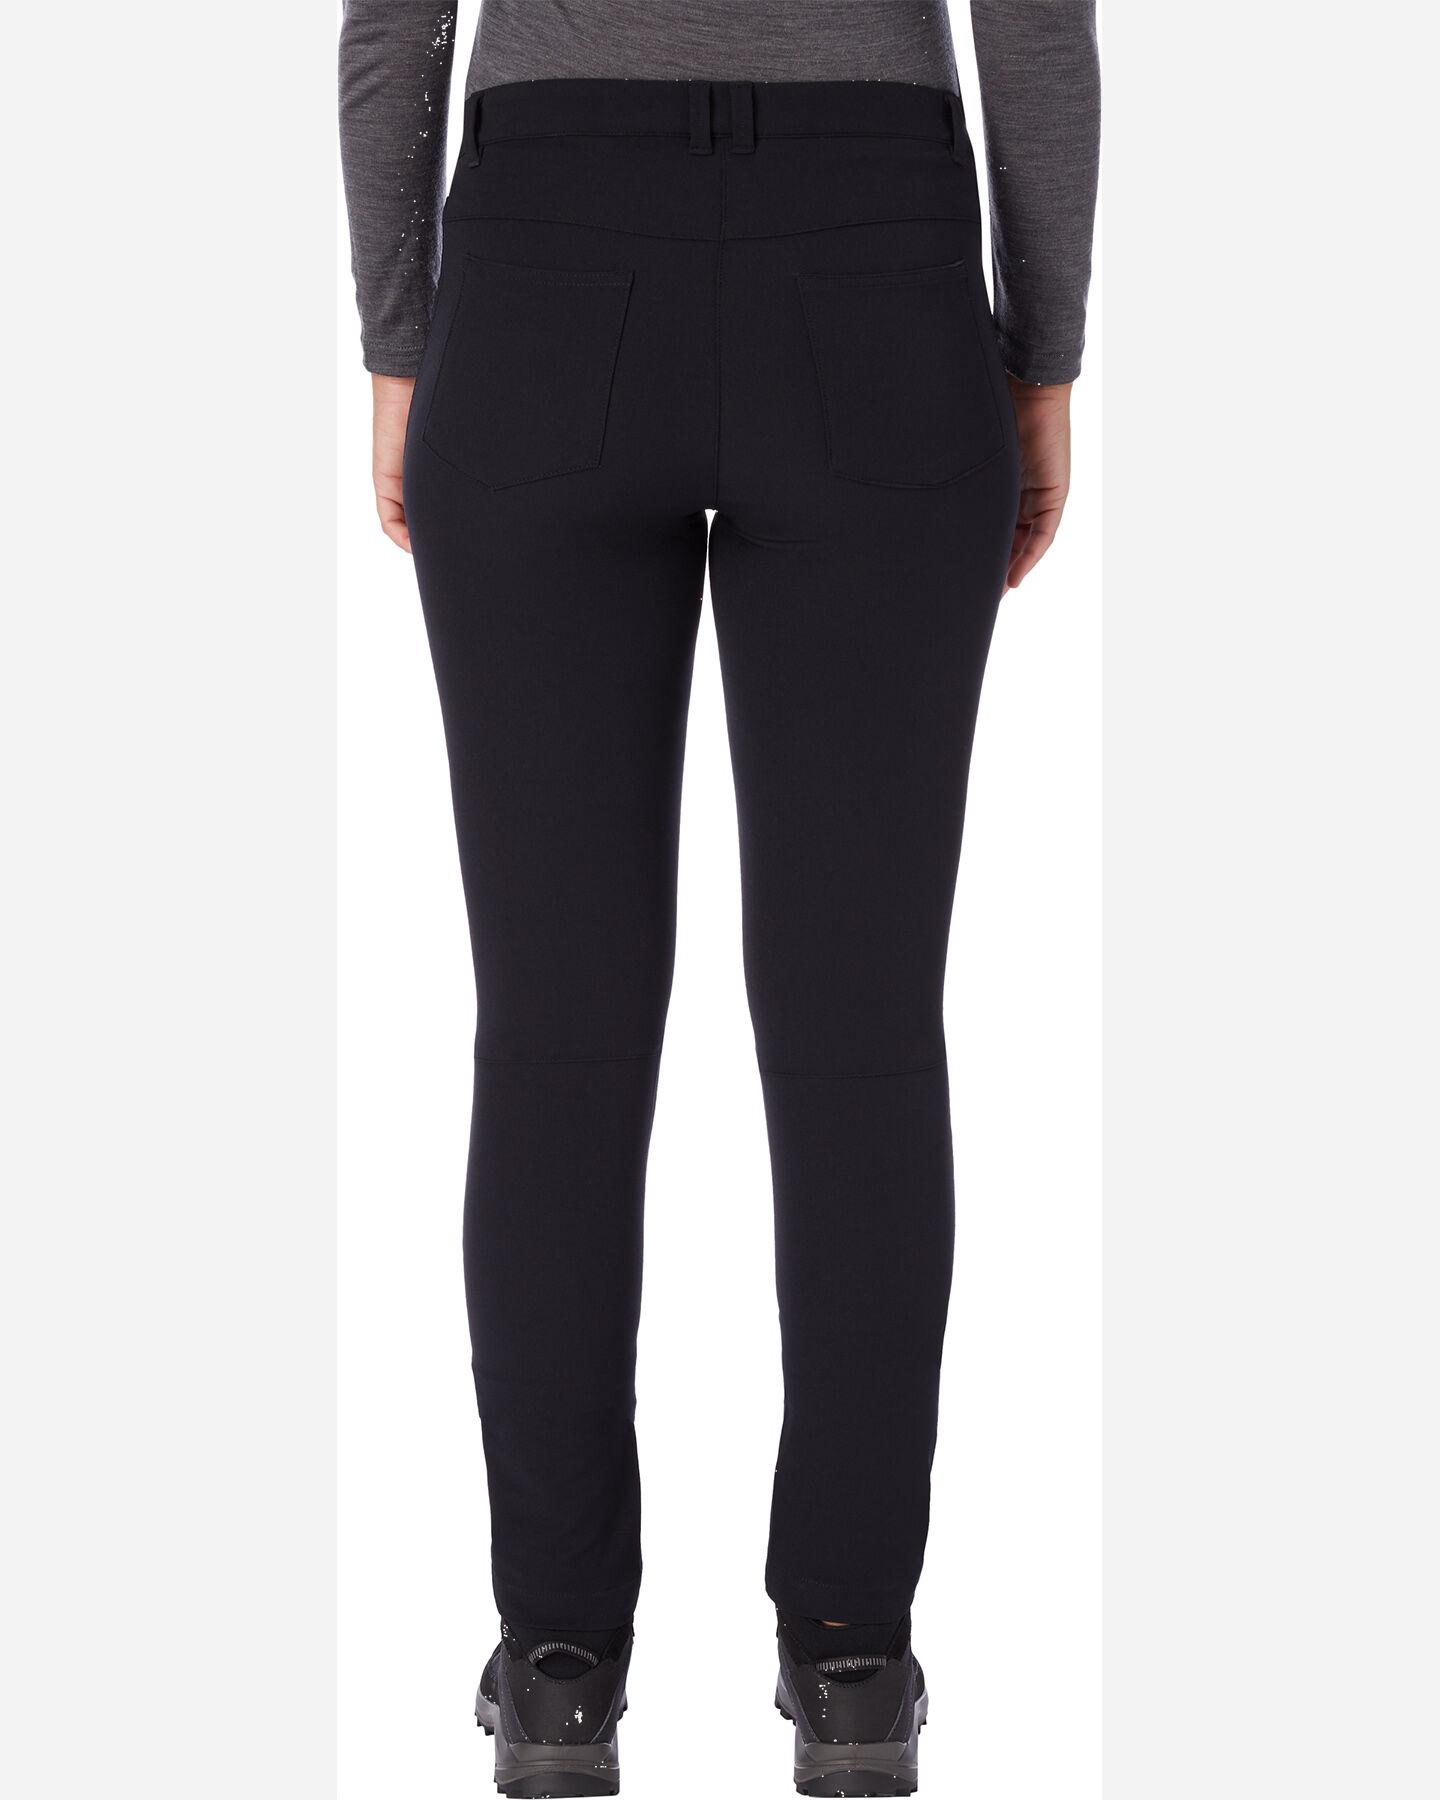 Pantalone outdoor MCKINLEY JUNO W S5207633 scatto 2